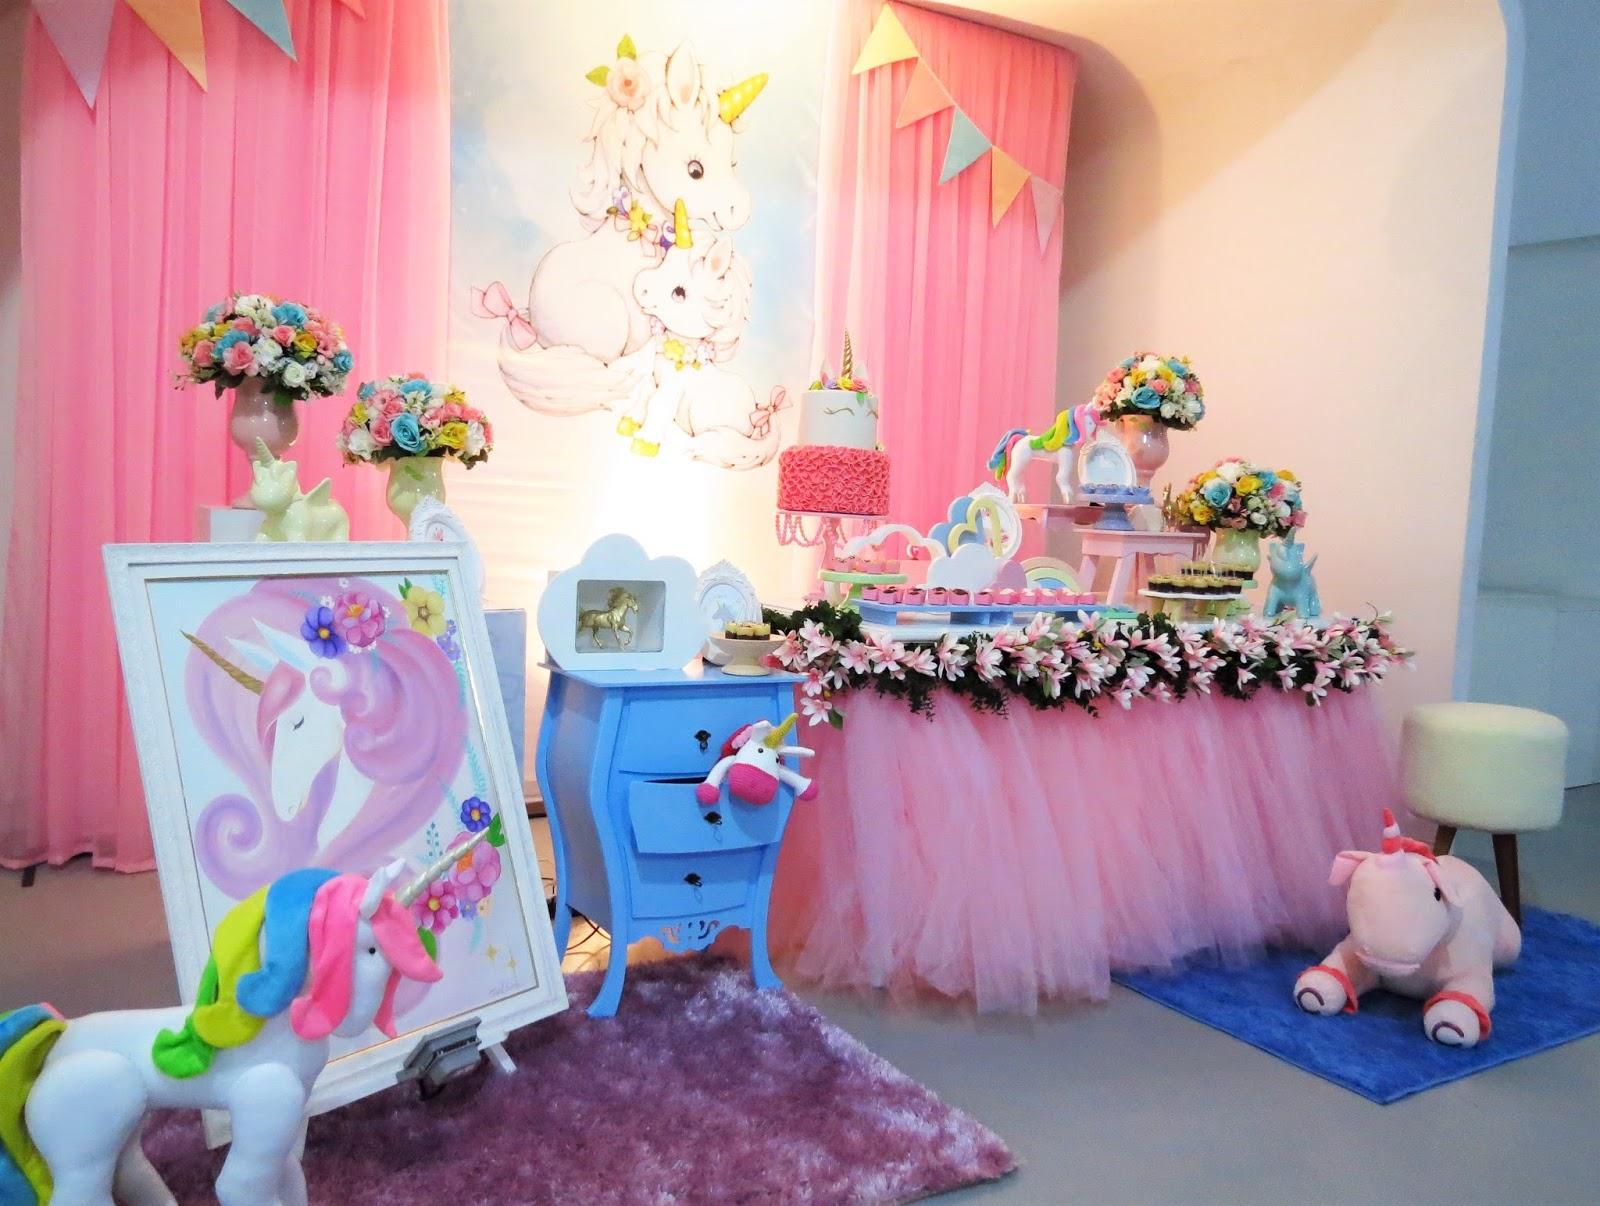 Minha Festa De UnicÓrnio: Farolita Decoração De Festas Infantis: UNICÓRNIOS